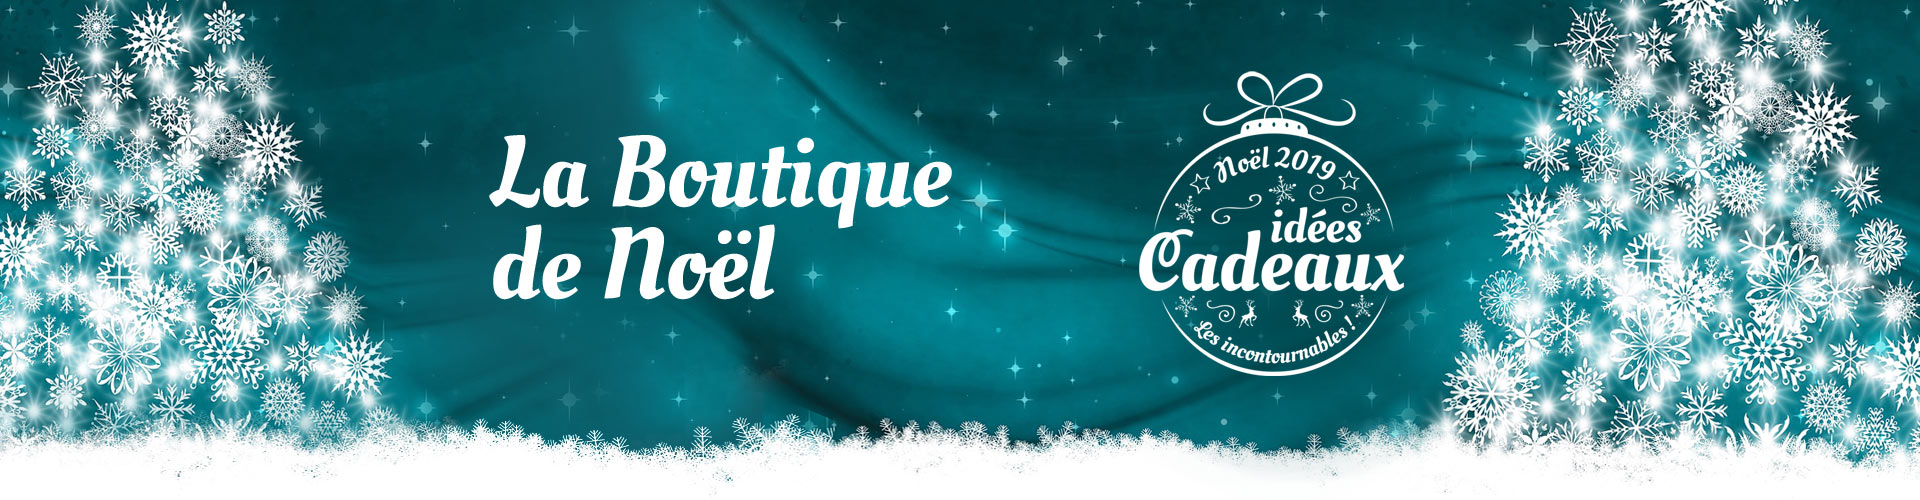 La boutique de Noël 2019